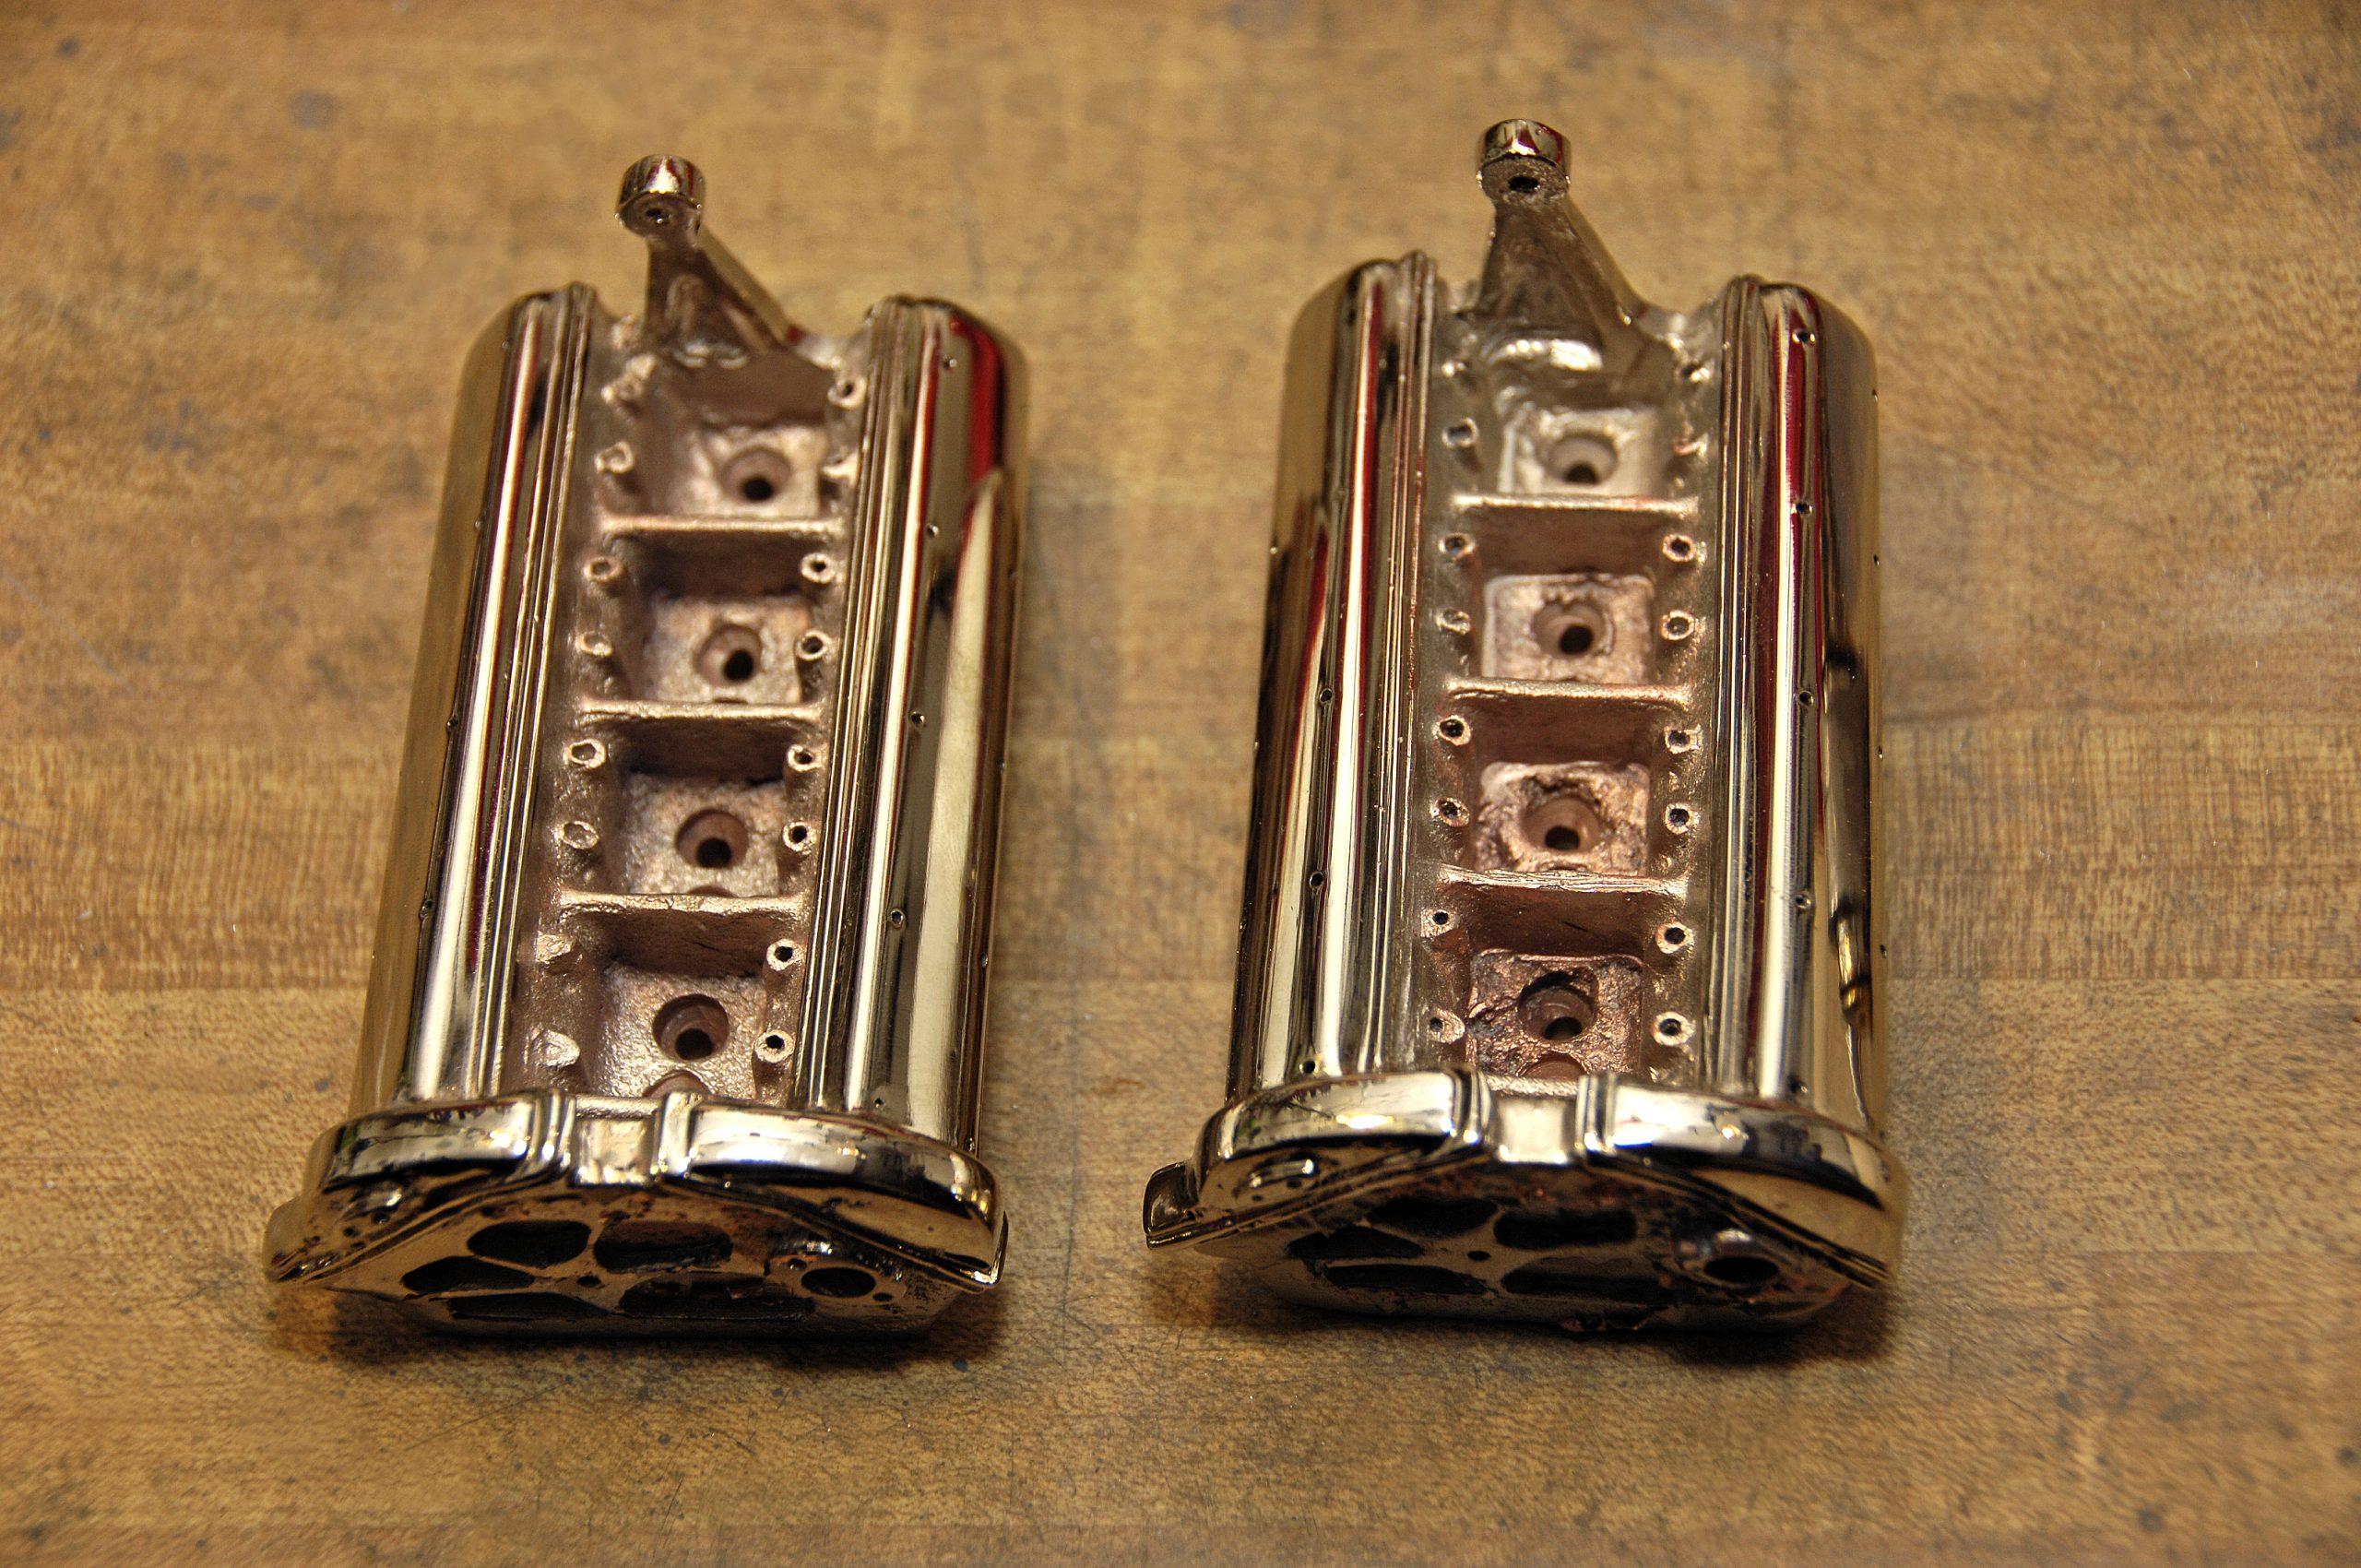 die cast model engine head